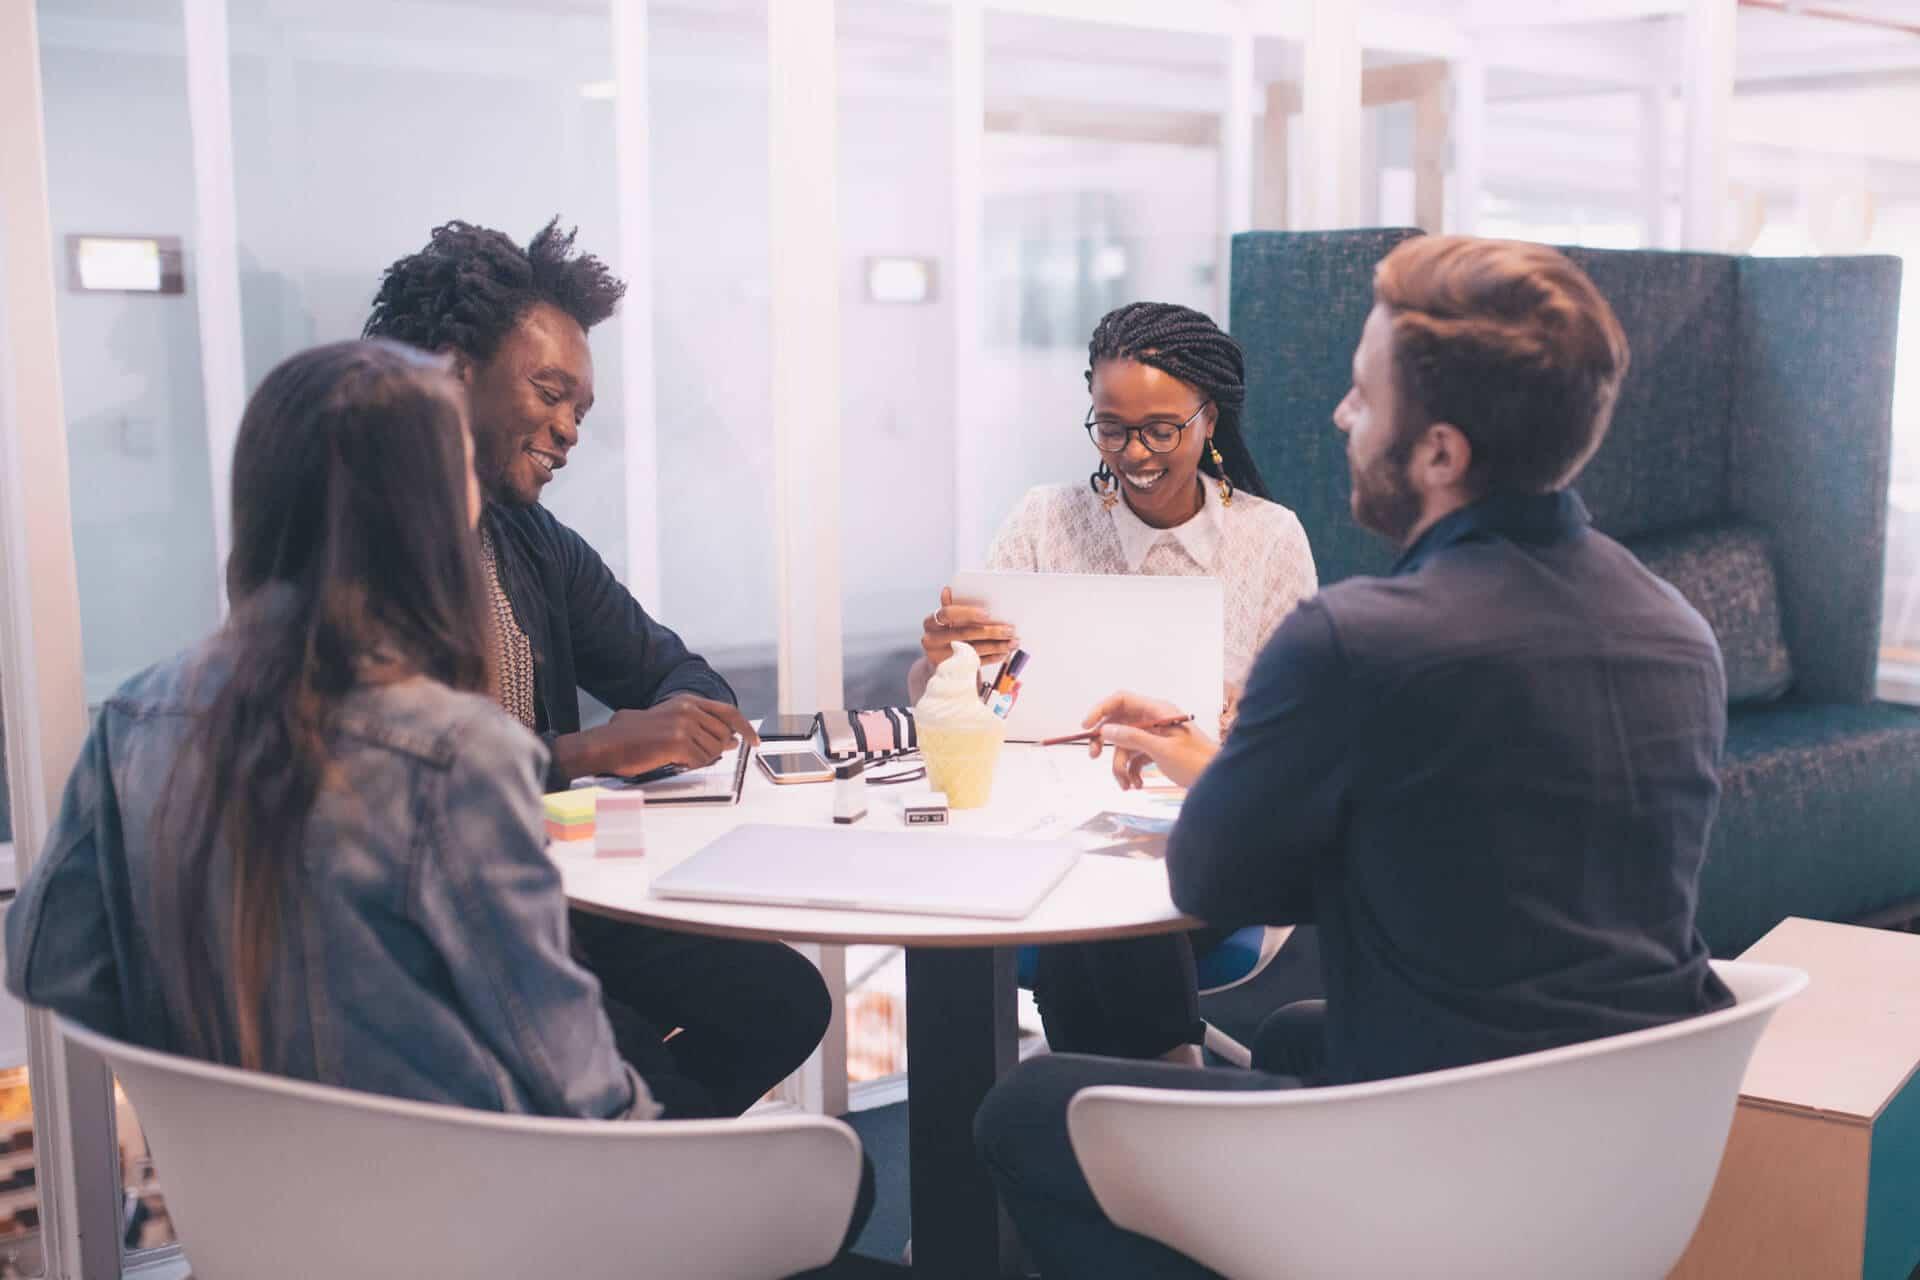 working-technology-finance-office-creative-laptop-meeting-employment-brainstorming-start-up_t20_v3JAlp.jpg